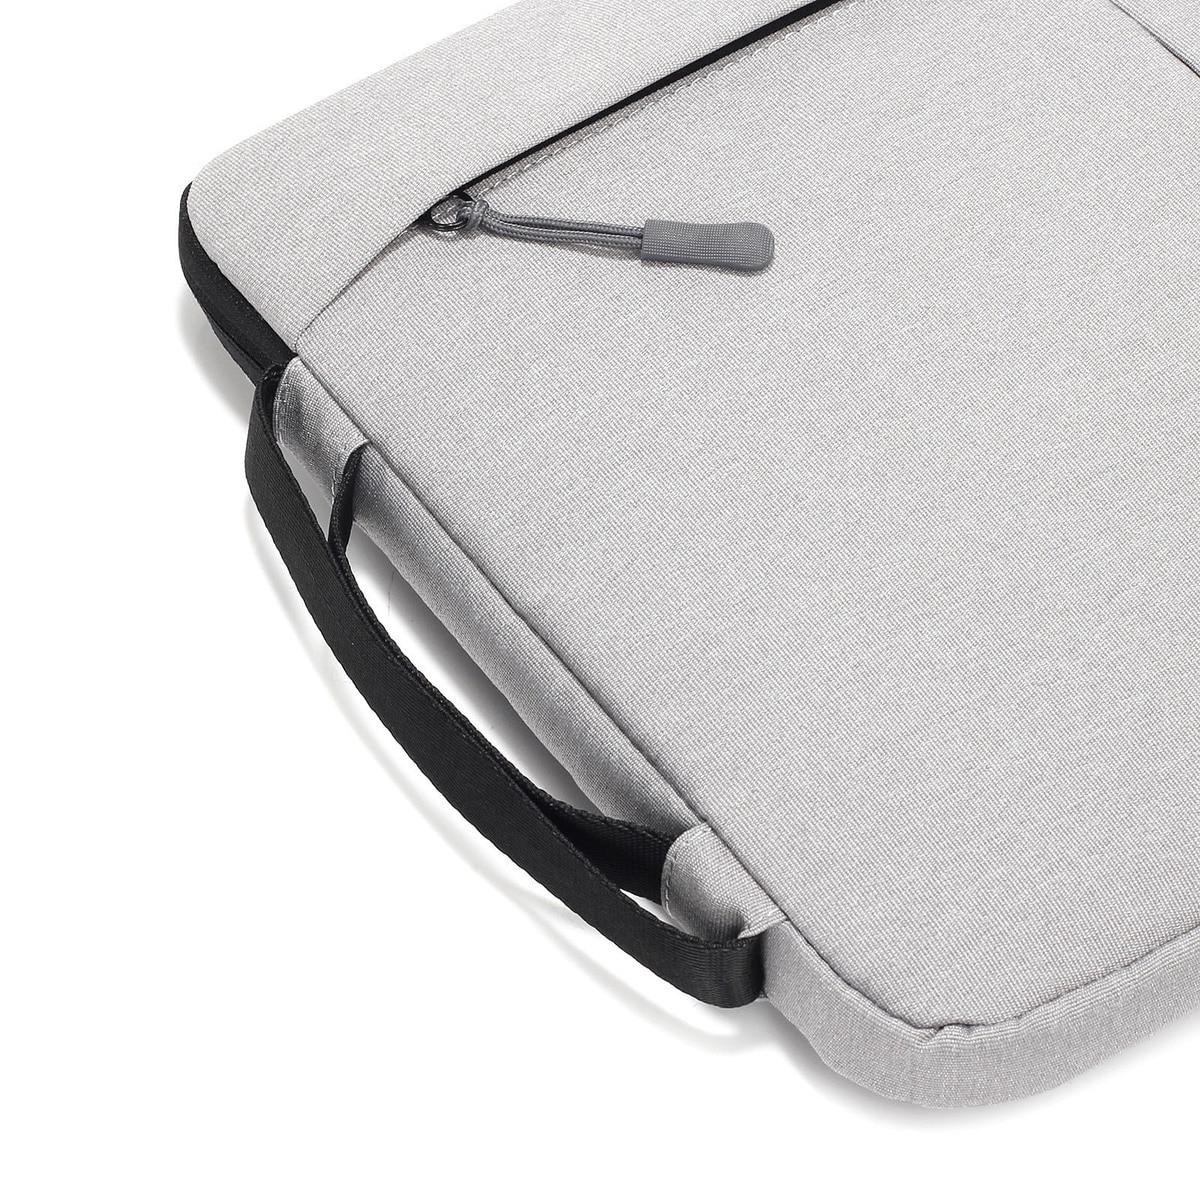 Gmilli Nylone Unisex Business Laptop Sleeve Bag Notebook Case Pouch - Նոթբուքի պարագաներ - Լուսանկար 3